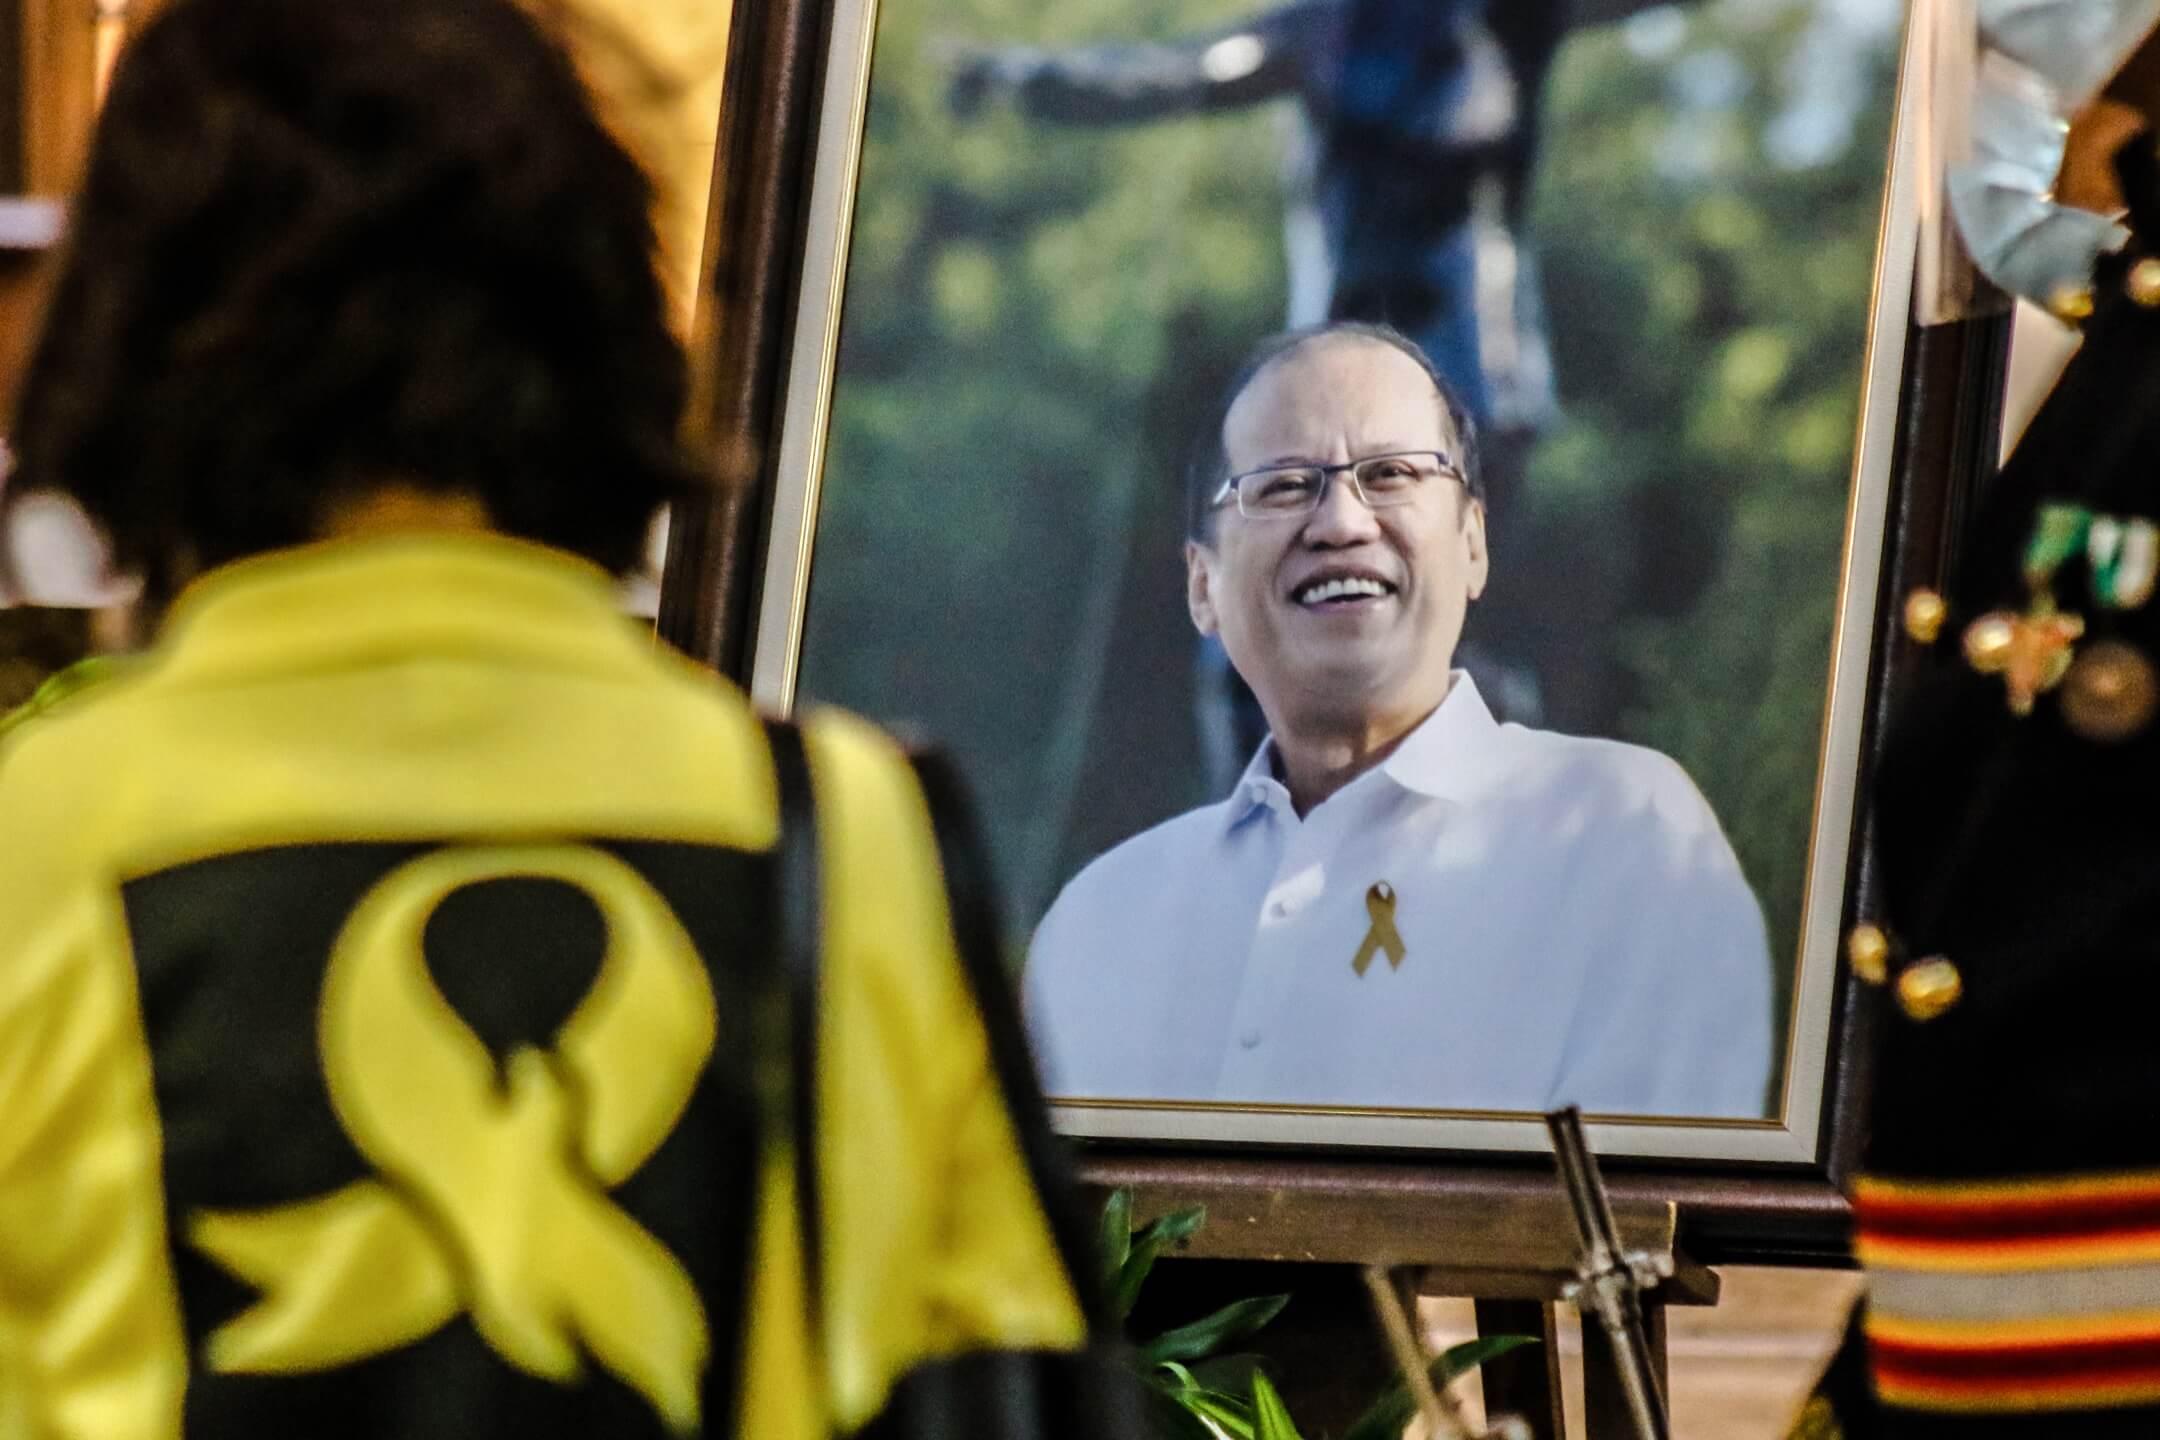 2021年6月25日,菲律賓奎松市馬尼拉雅典耀大學,一位菲律賓前總統艾奎諾三世的支持者到他的追思會悼念。菲律賓前總統艾奎諾三世於當地時間6月24日病逝,終年61歲。 攝:Ryan Eduard Benaid/NurPhoto via Getty Images